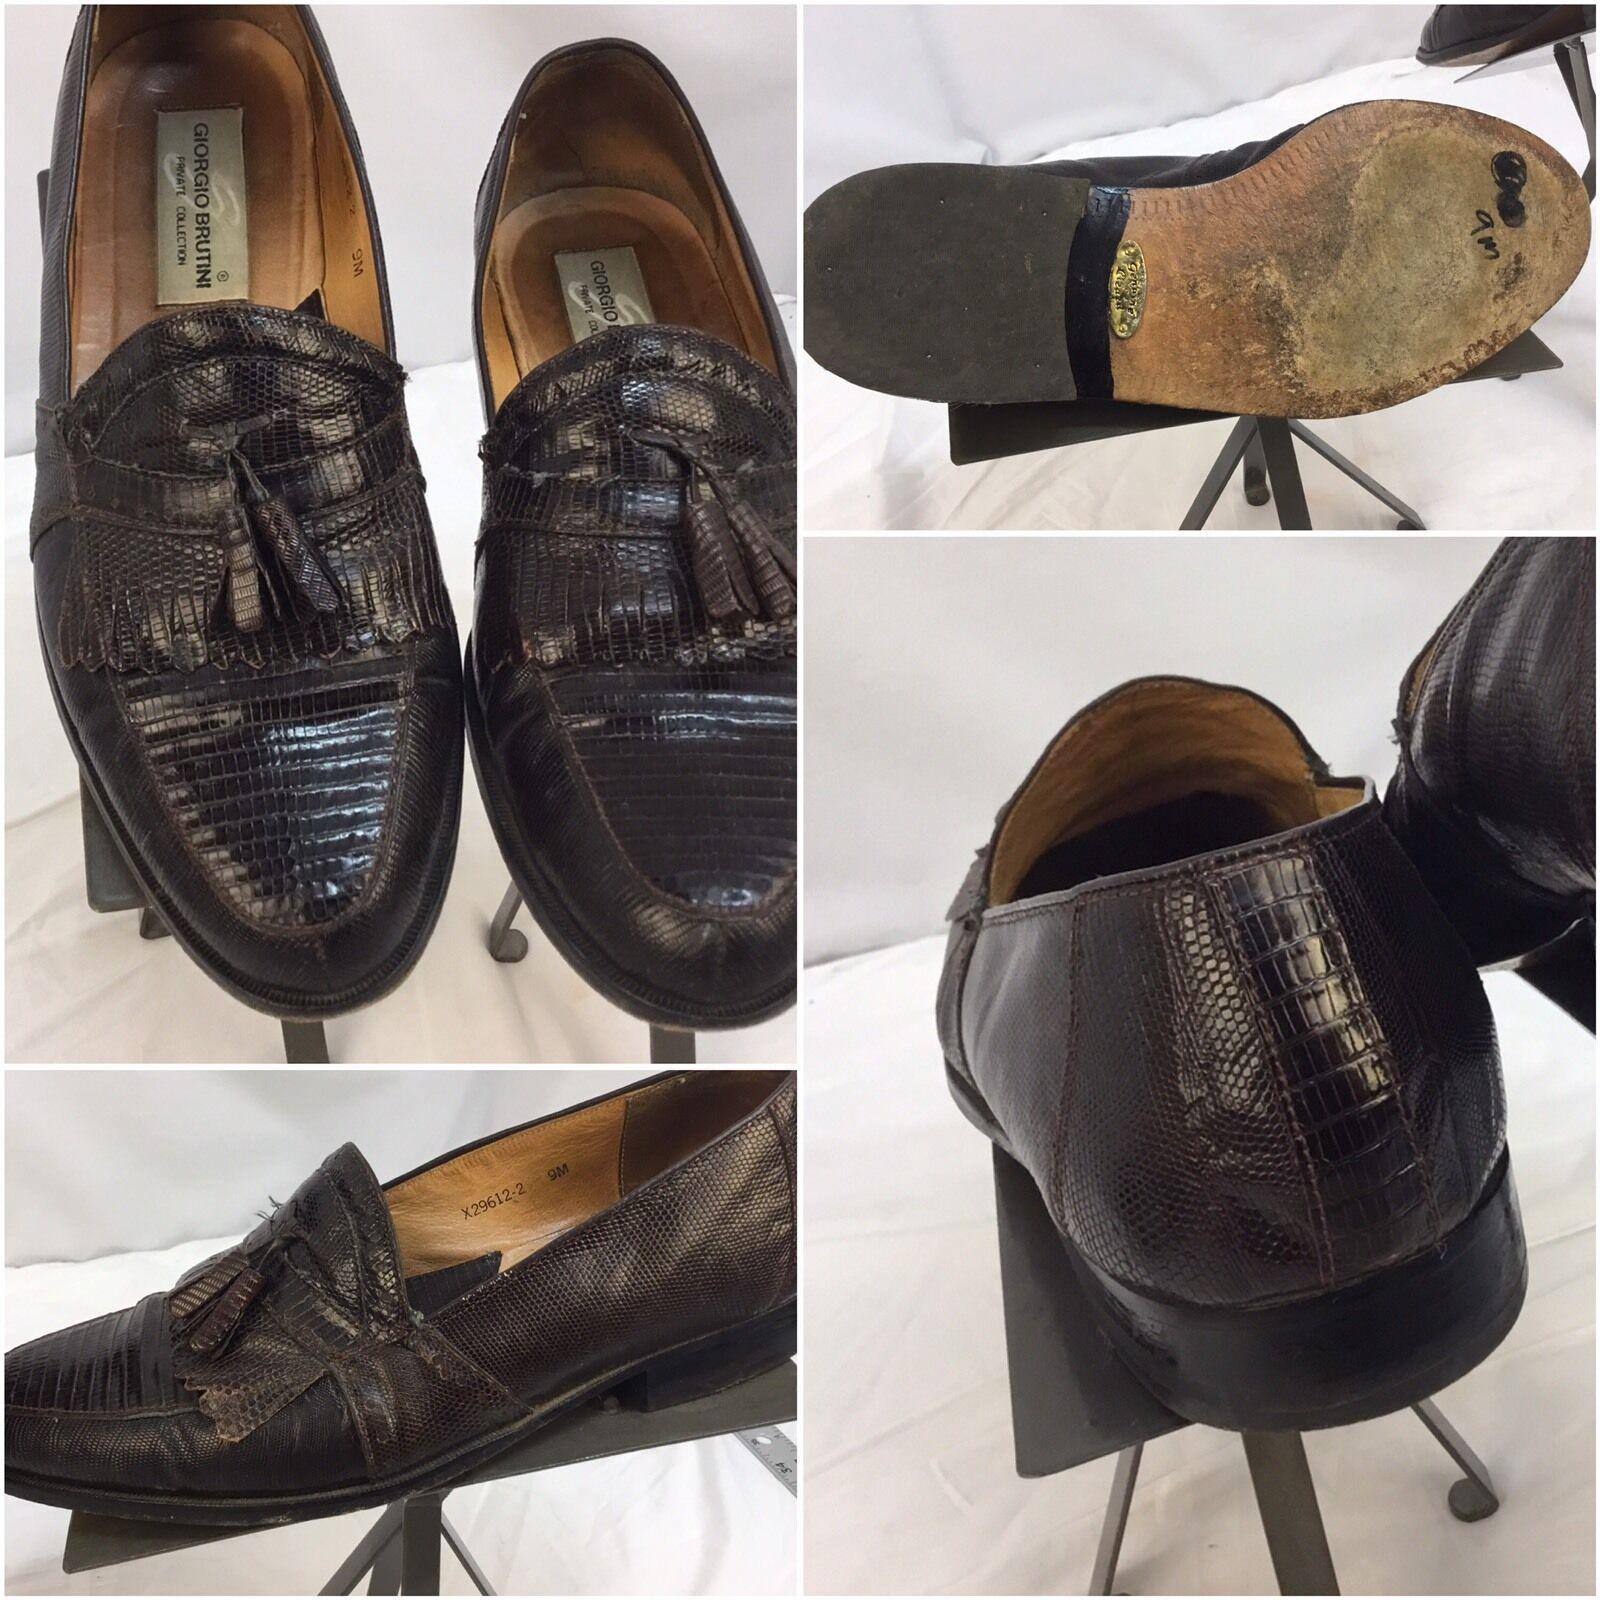 acquista online oggi Giorgio Brutini Dress scarpe 9 M Marrone Loafer Lizard Lizard Lizard Private Collection YGI E7  autentico online